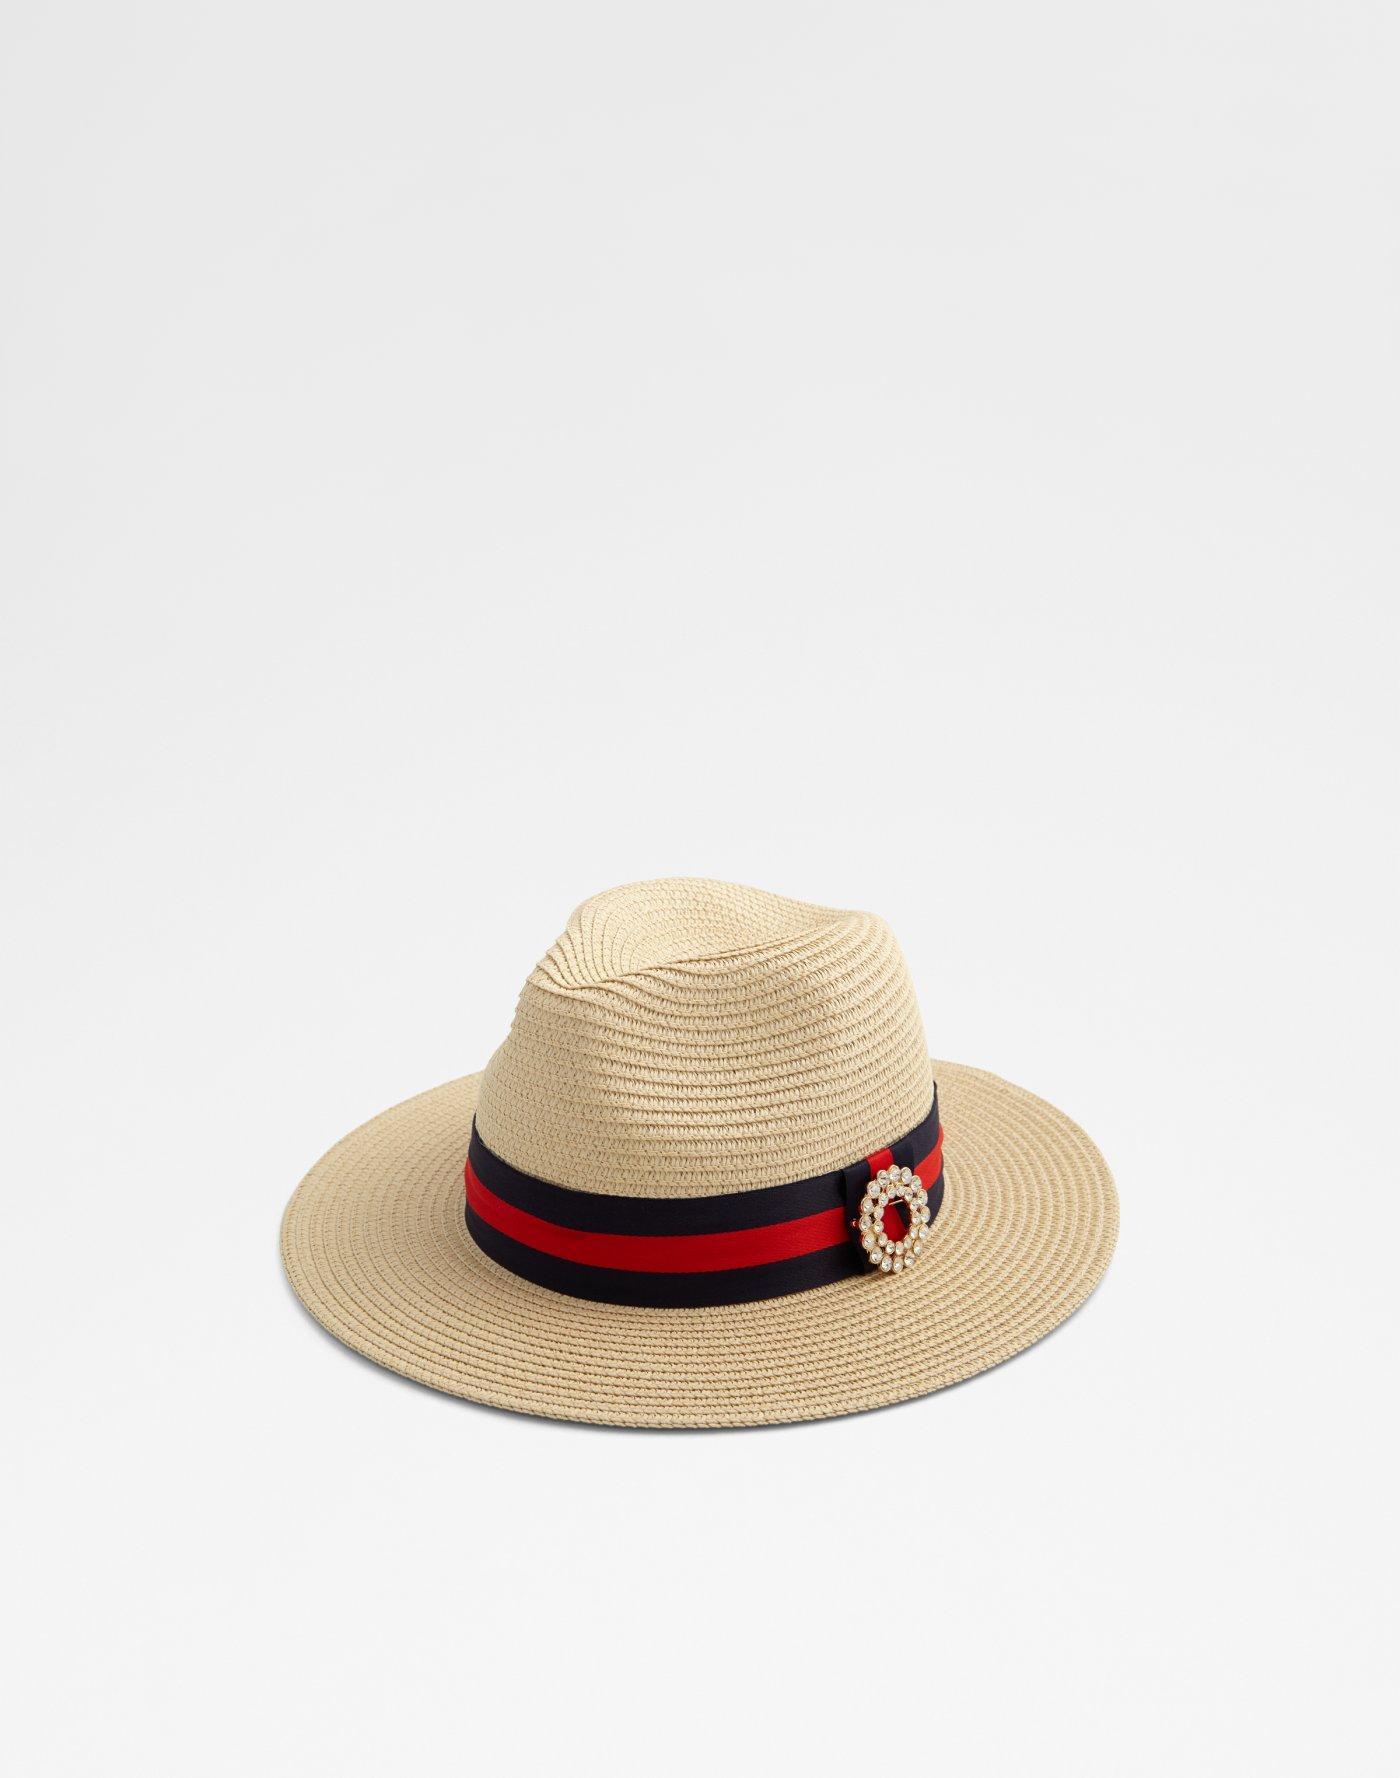 66e20d8a6 Hats, gloves & scarves | ALDO Canada